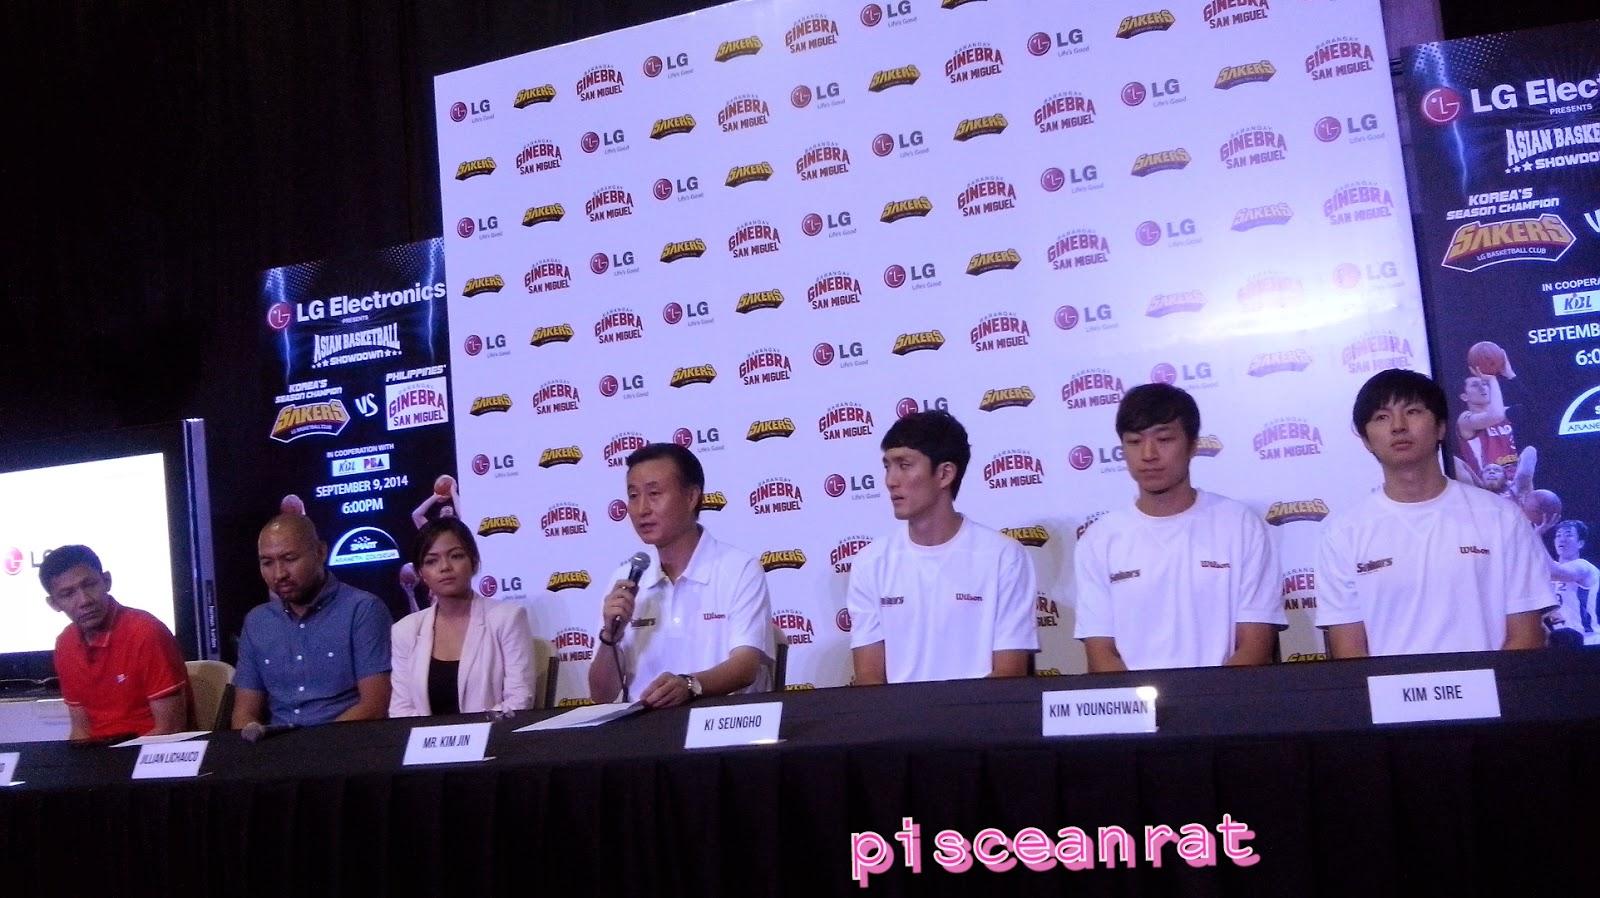 Olsen Racela, Jeff Cariaso, Jillian Lichauco, Mr. Kim Jin, Ki Seungho, Kim Younghwan, Kim Sire.